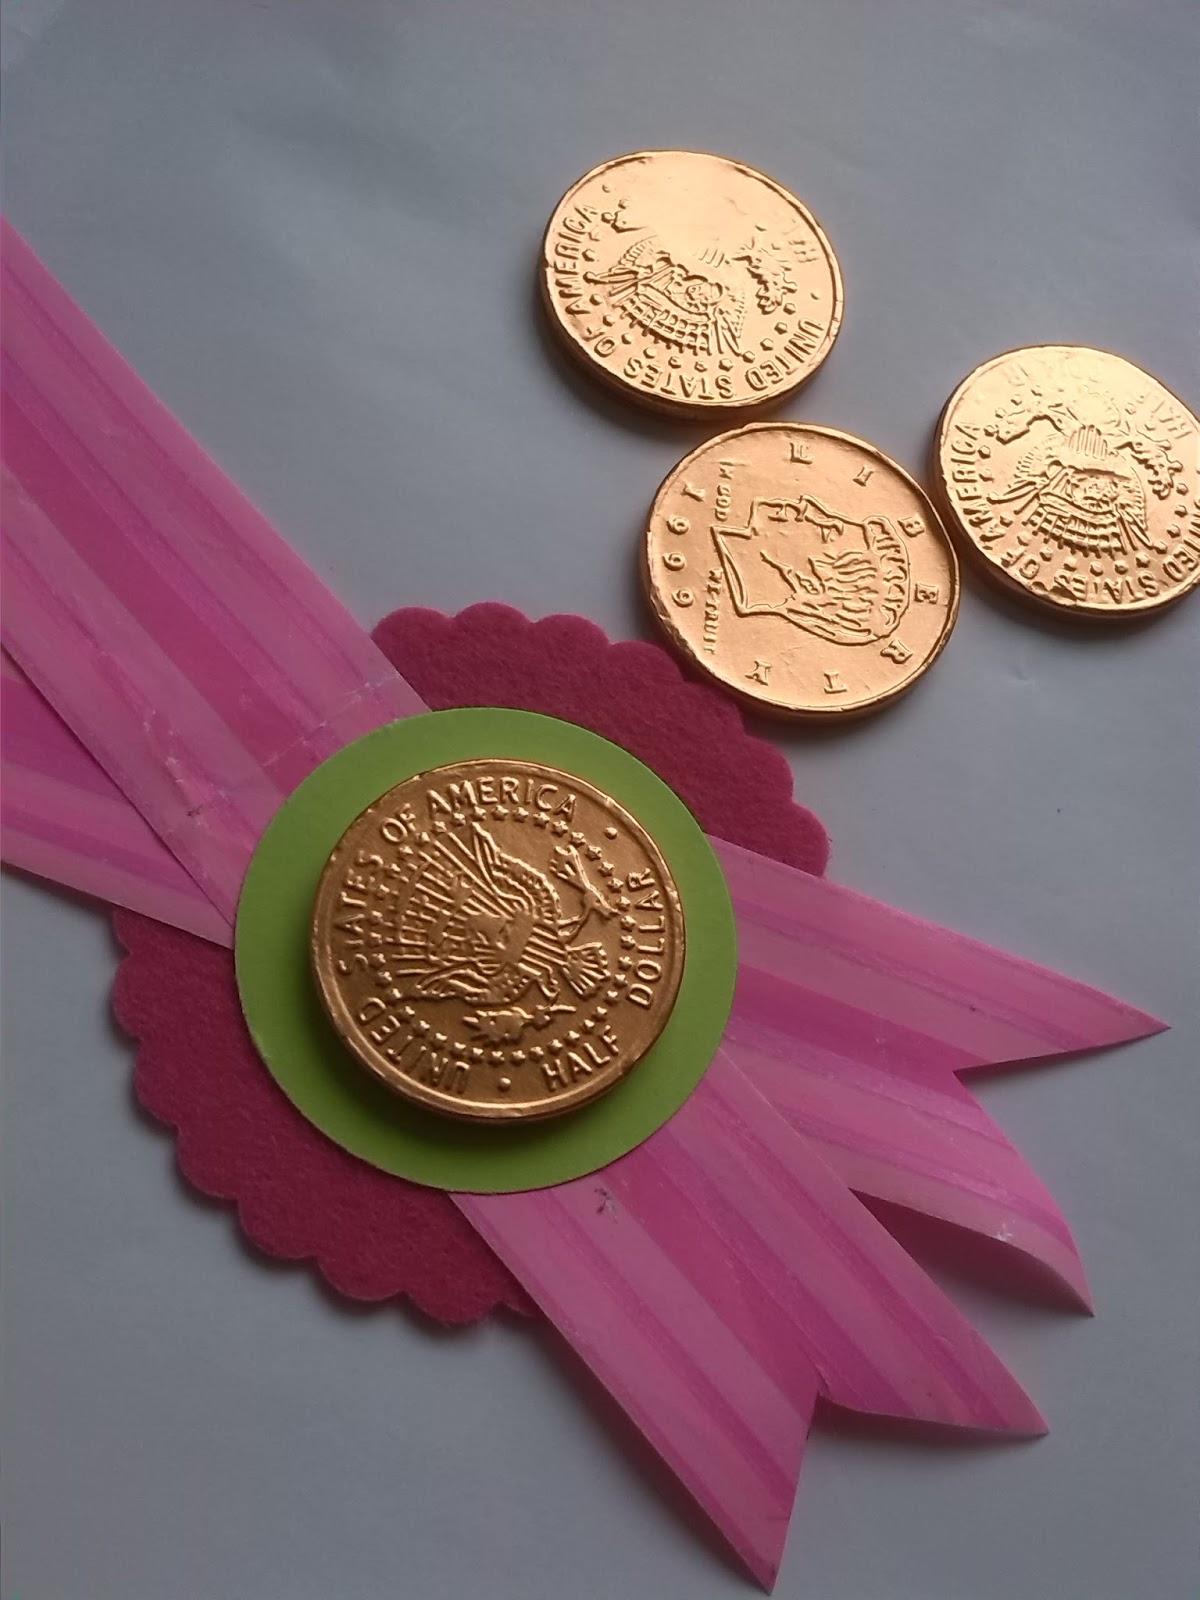 Thalescrapbook blog hop celebramos 40 a os ideas para for Ideas para colgar medallas